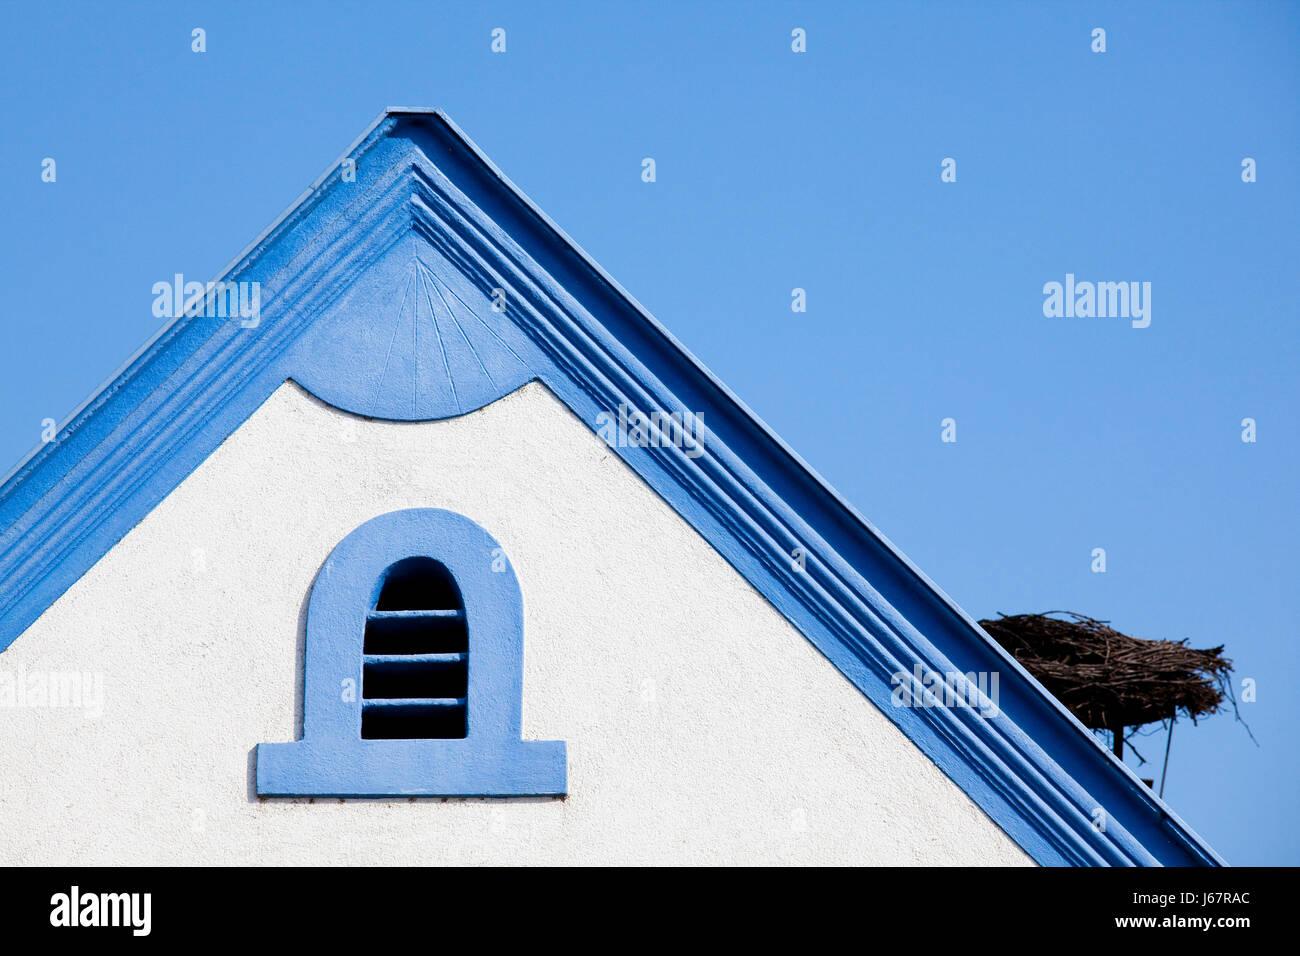 location shot outside blue austrians architekturdetail blau-wei sterreich Stock Photo